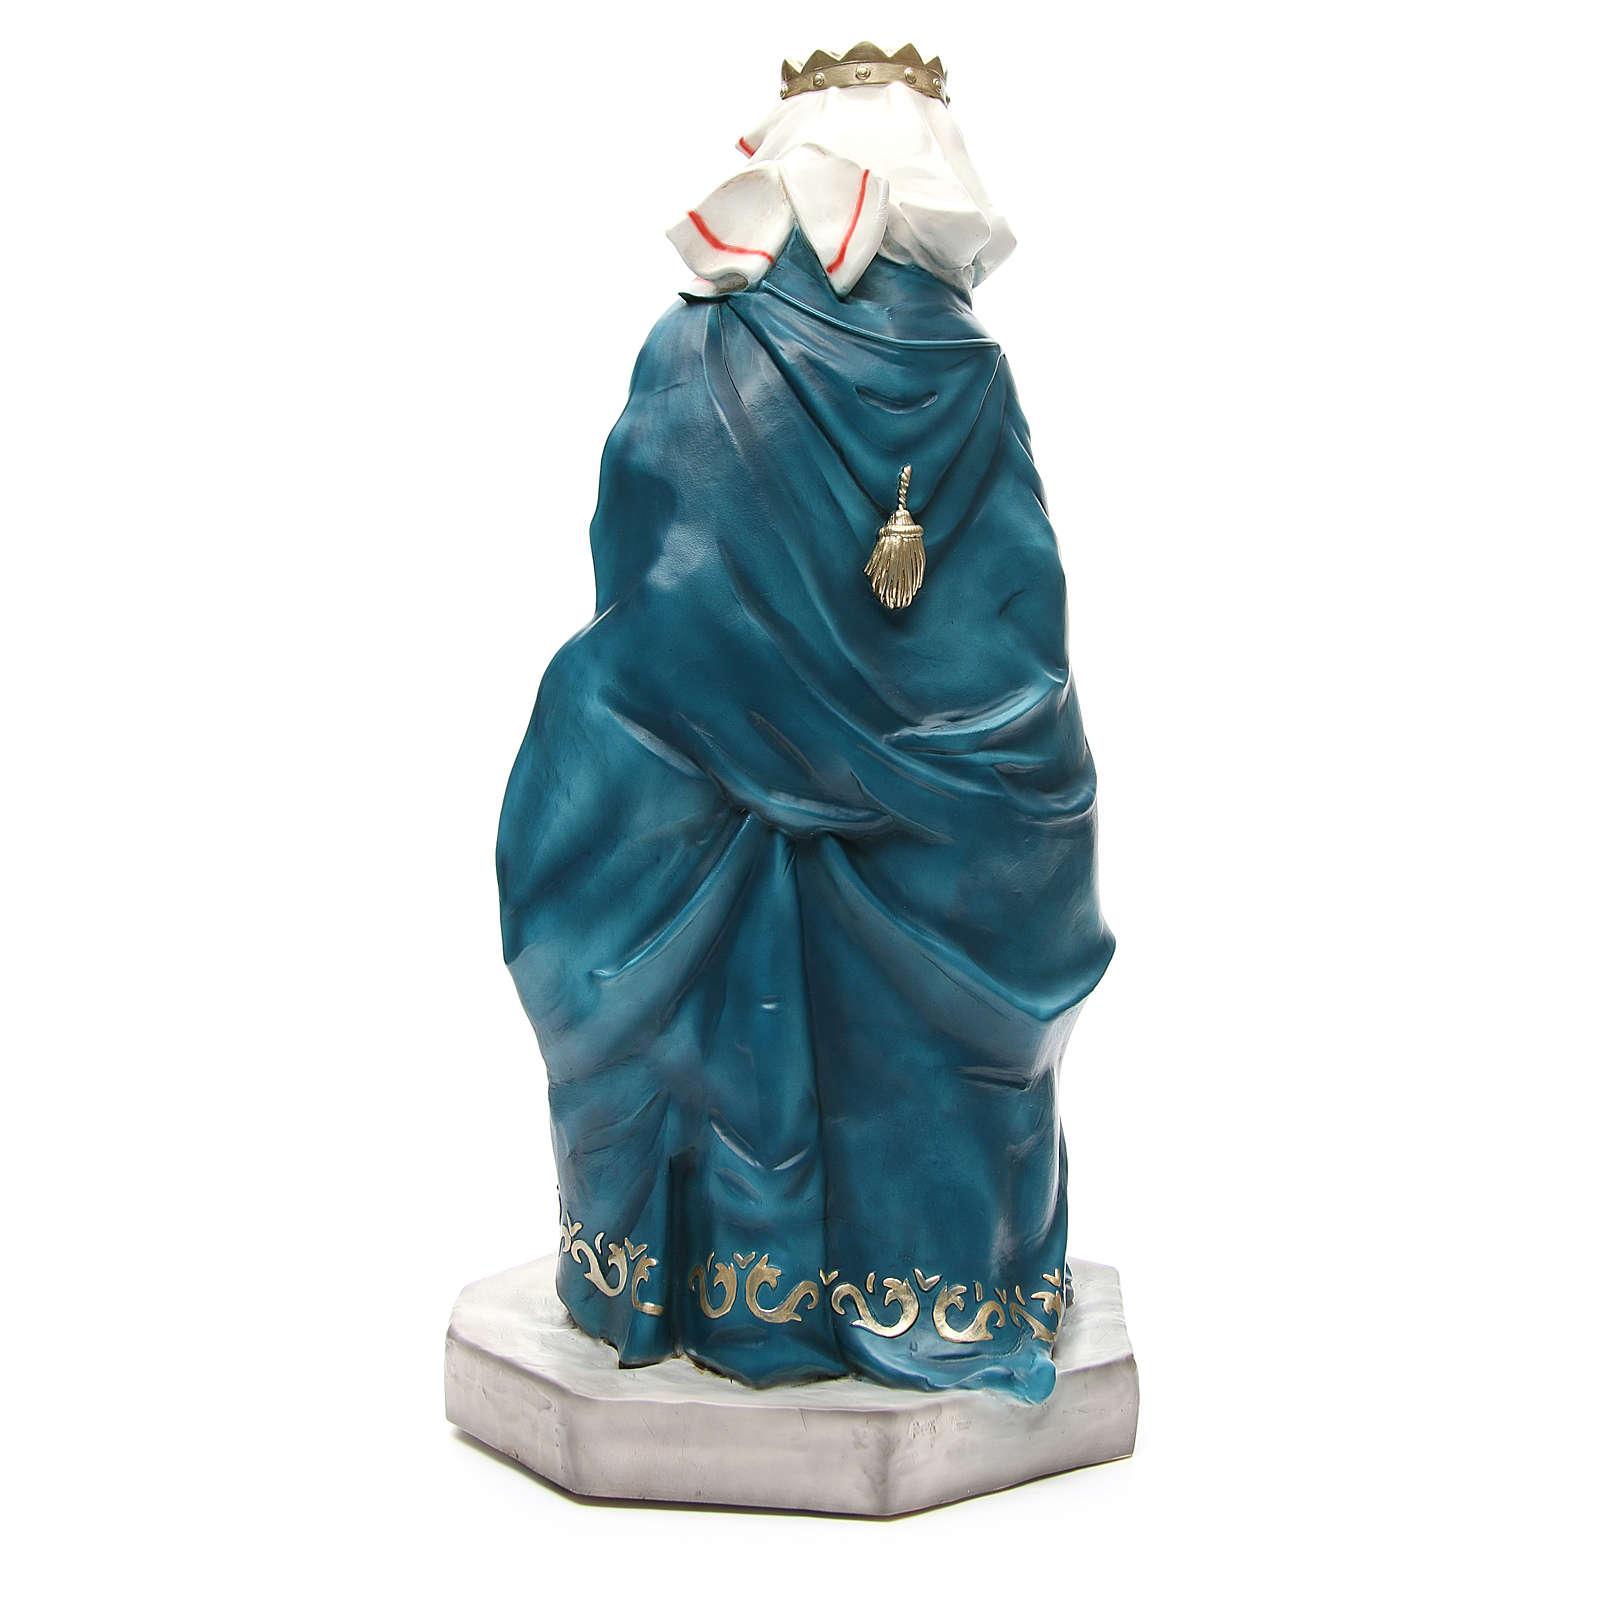 Statua Baldassarre Re Magio per presepe 65 cm 3